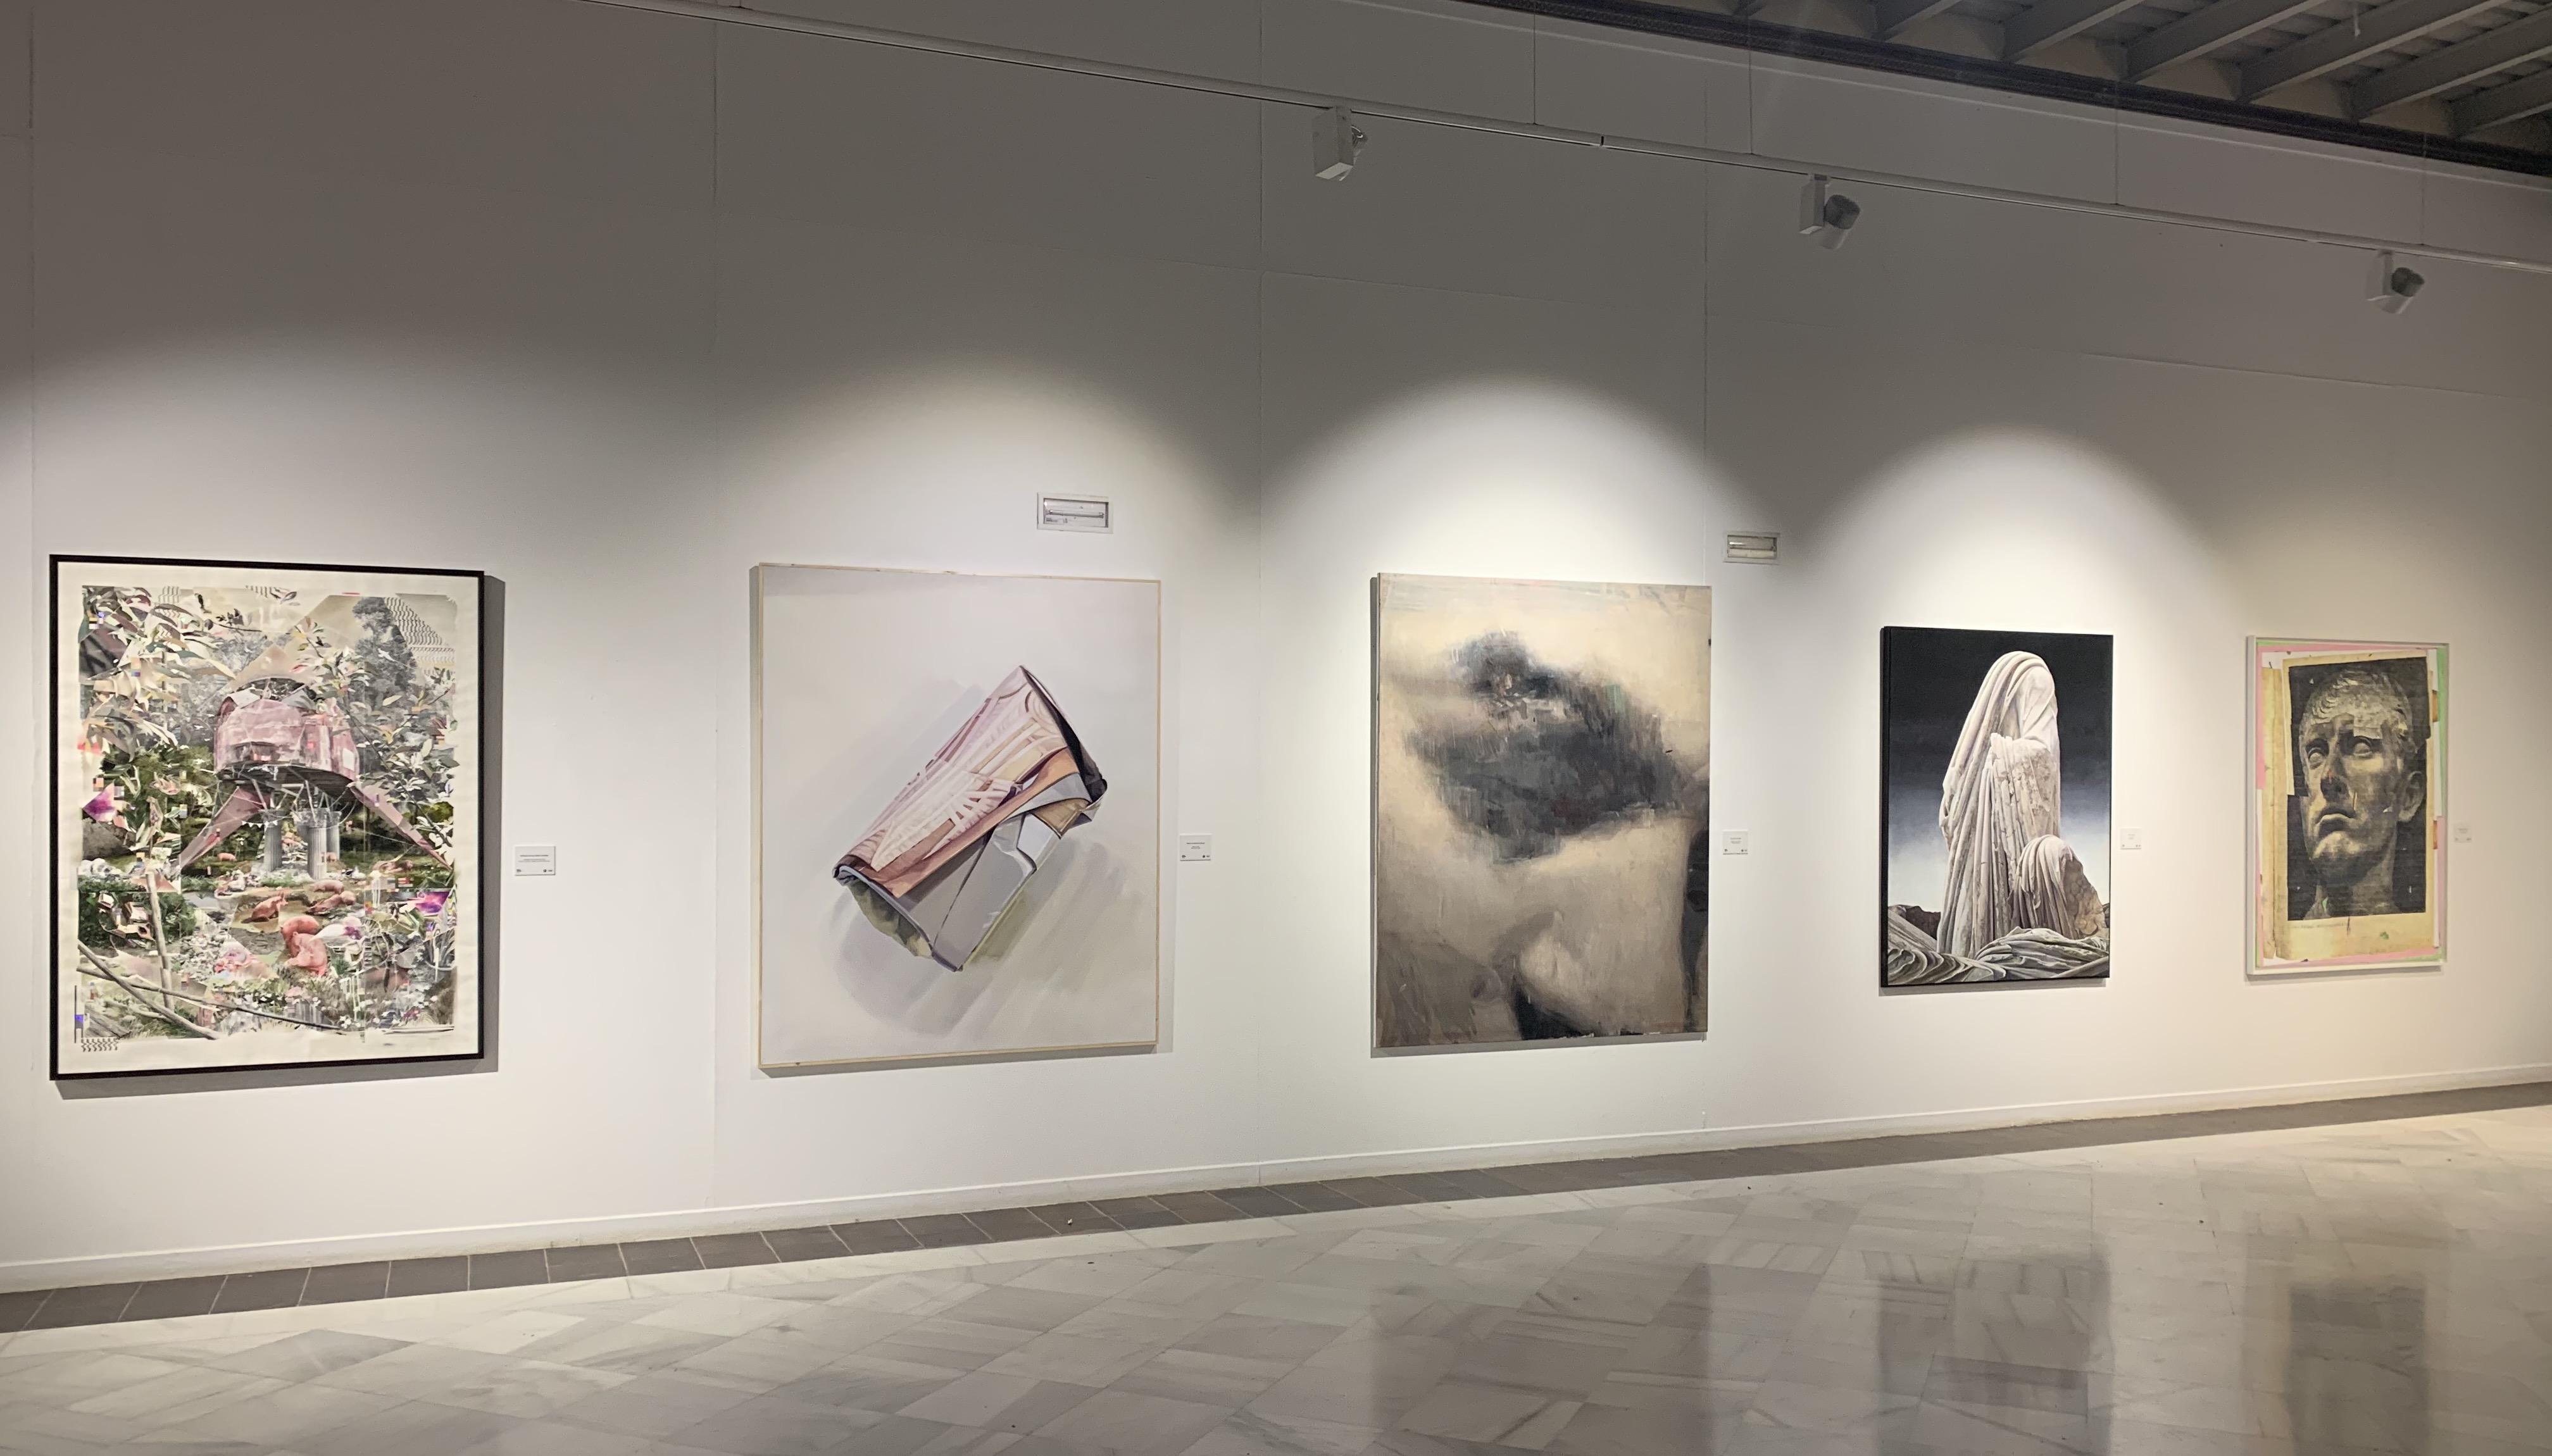 Desde hoy, 27 de mayo, hasta el 19 de julio de 2020 podrás enviar tu obra a la 35ª edición del Premio BMW de Pintura